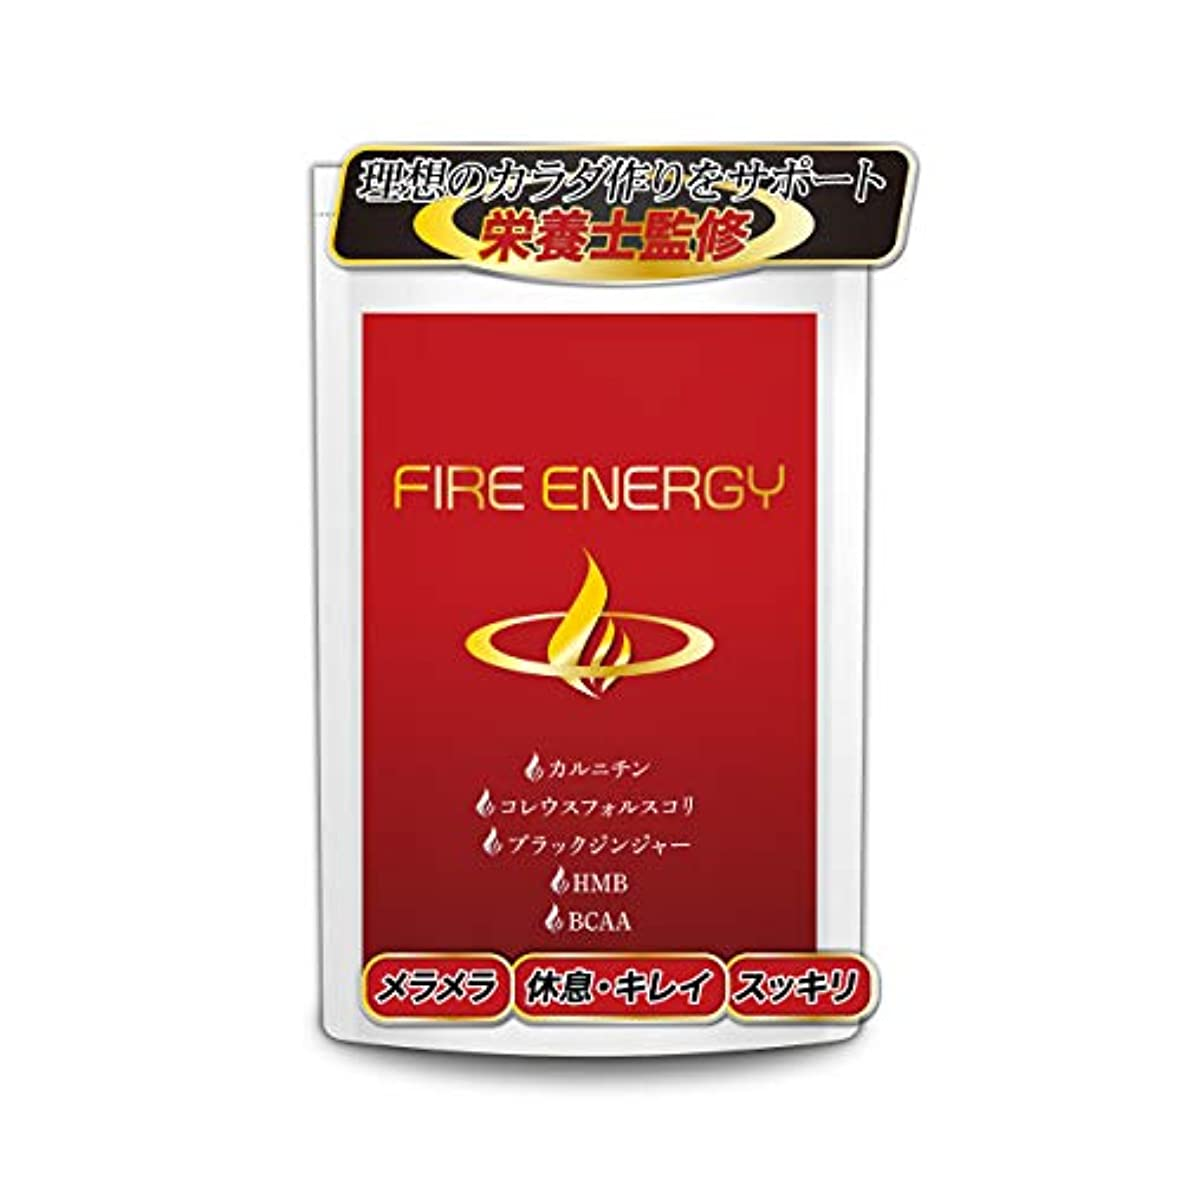 売上高ブームジャンルFIRE ENERGY ダイエット サプリ 燃焼 HMB BCAA サプリメント(30日分60粒入り)